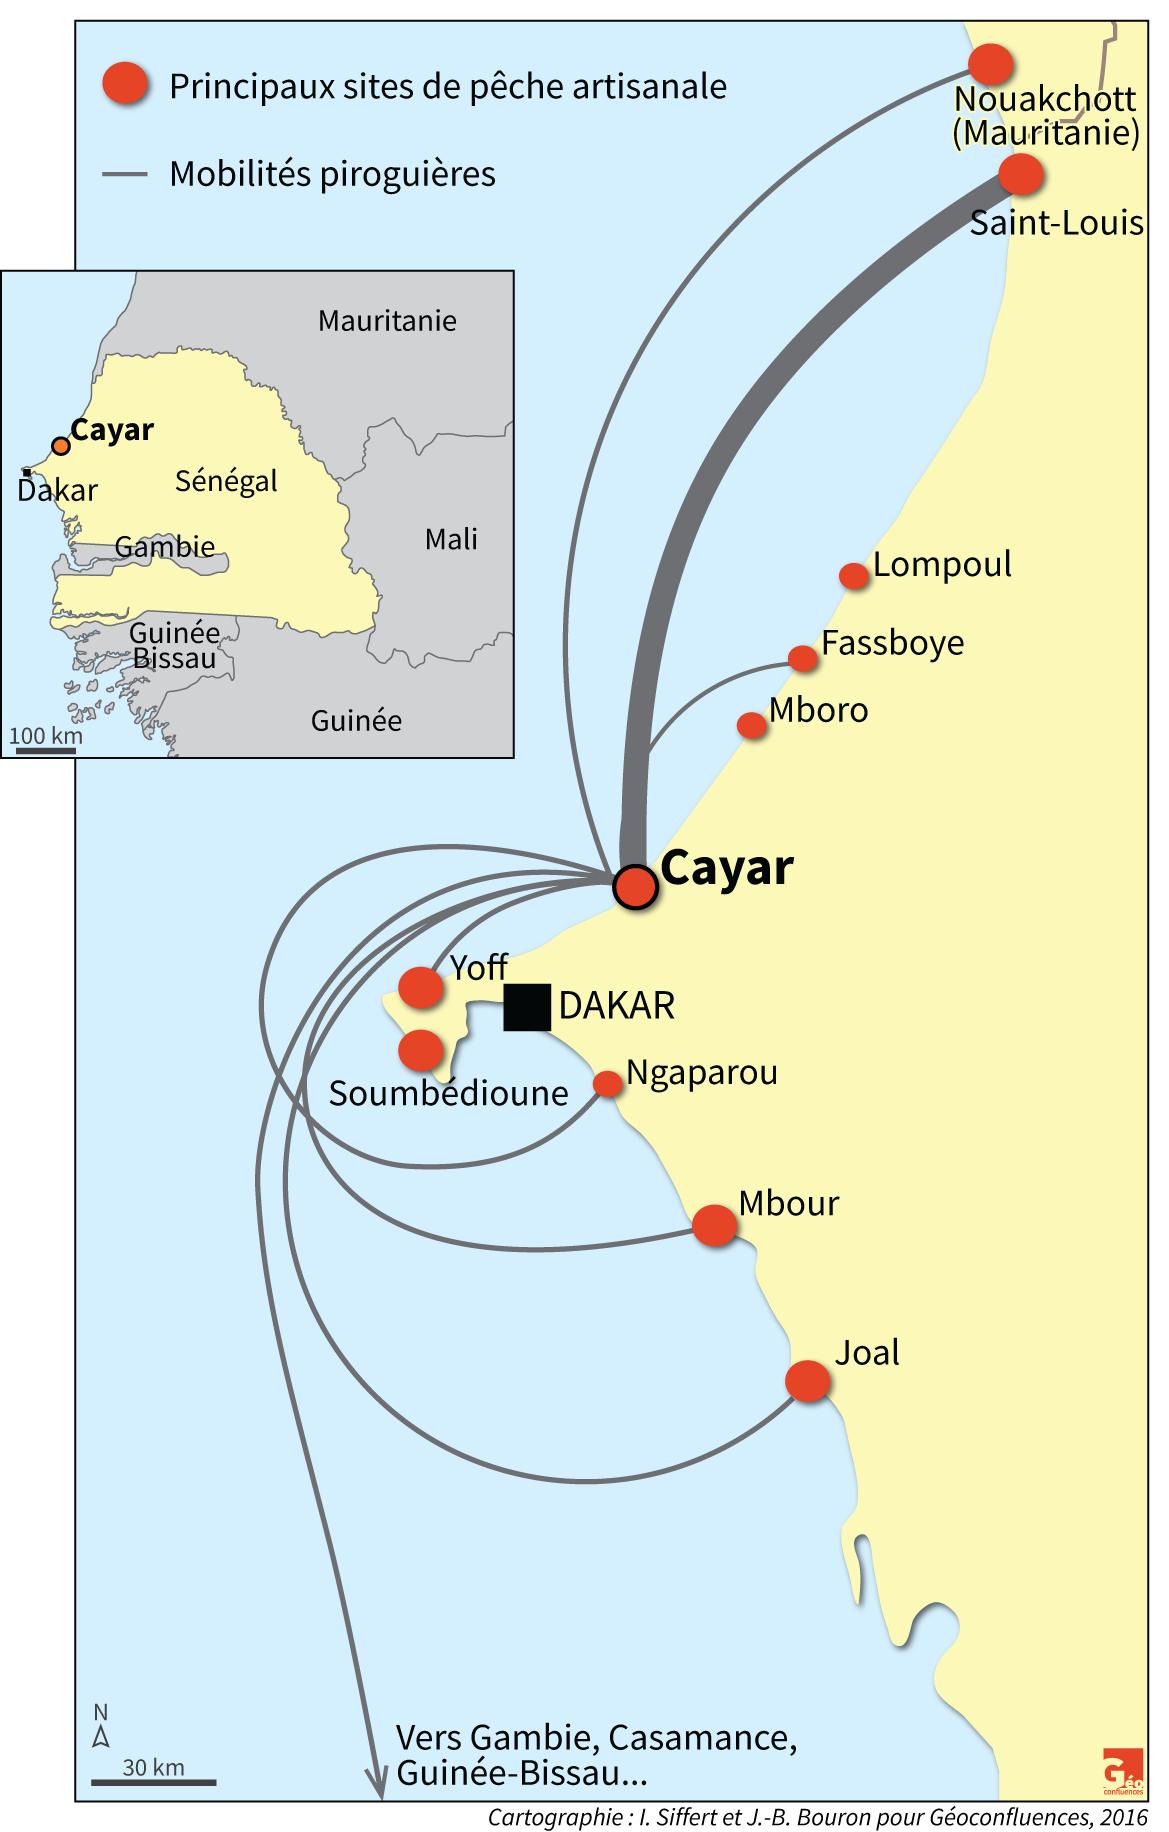 carte sénégal Cayar mobilités piroguières sites de pêche